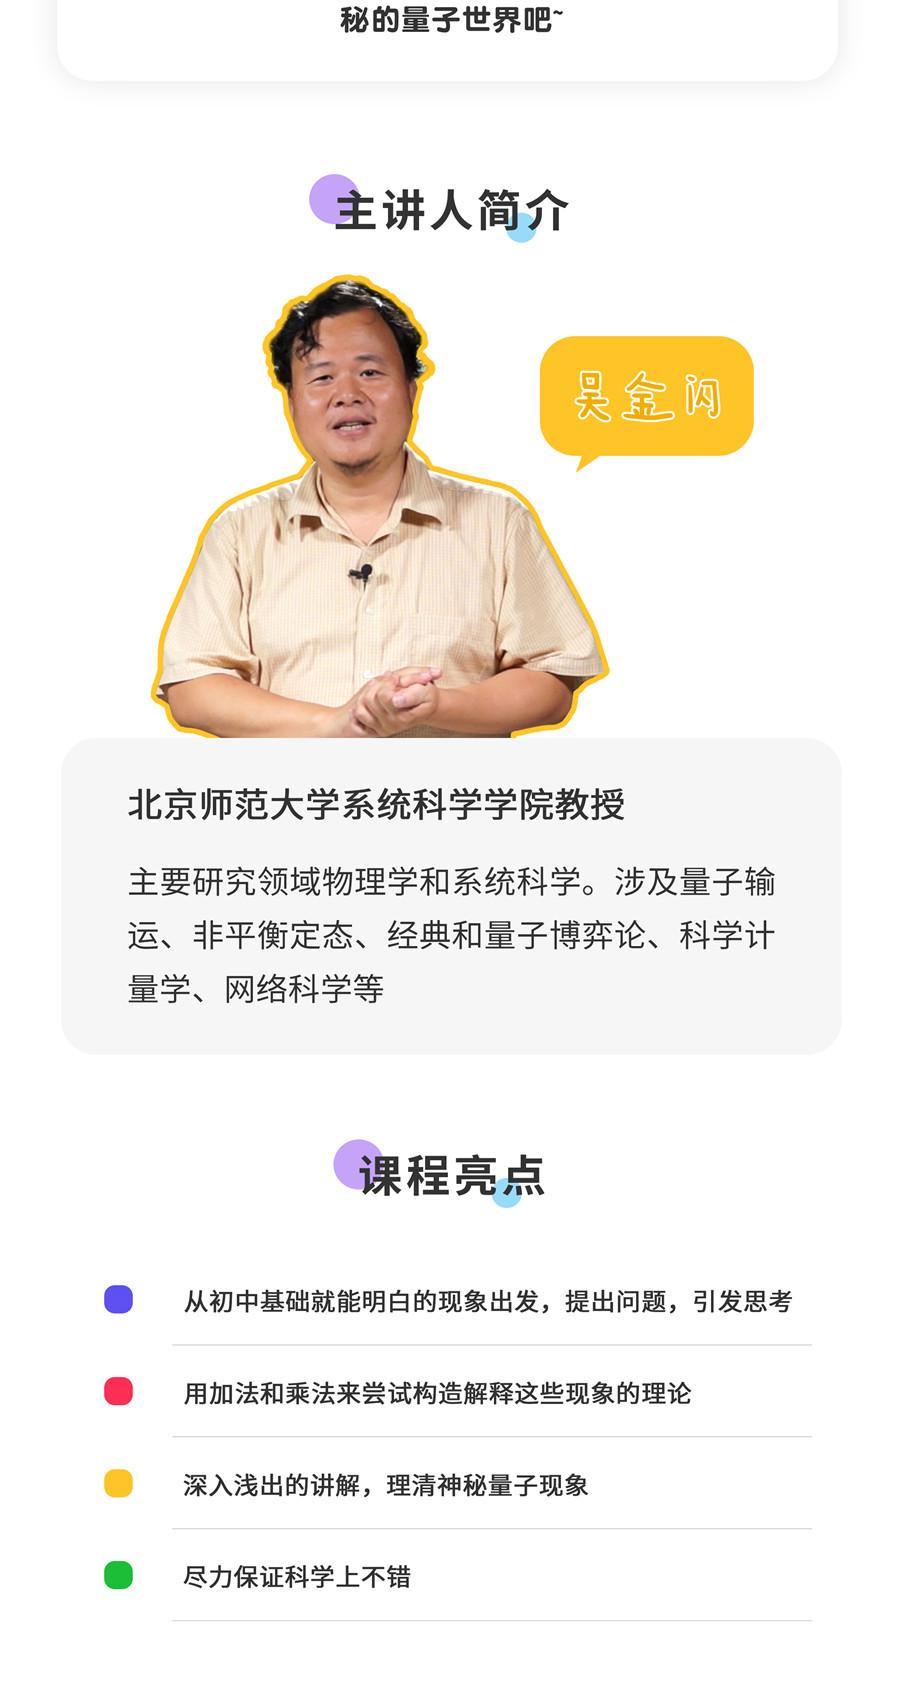 吴金闪教授:量子力学无基础入门